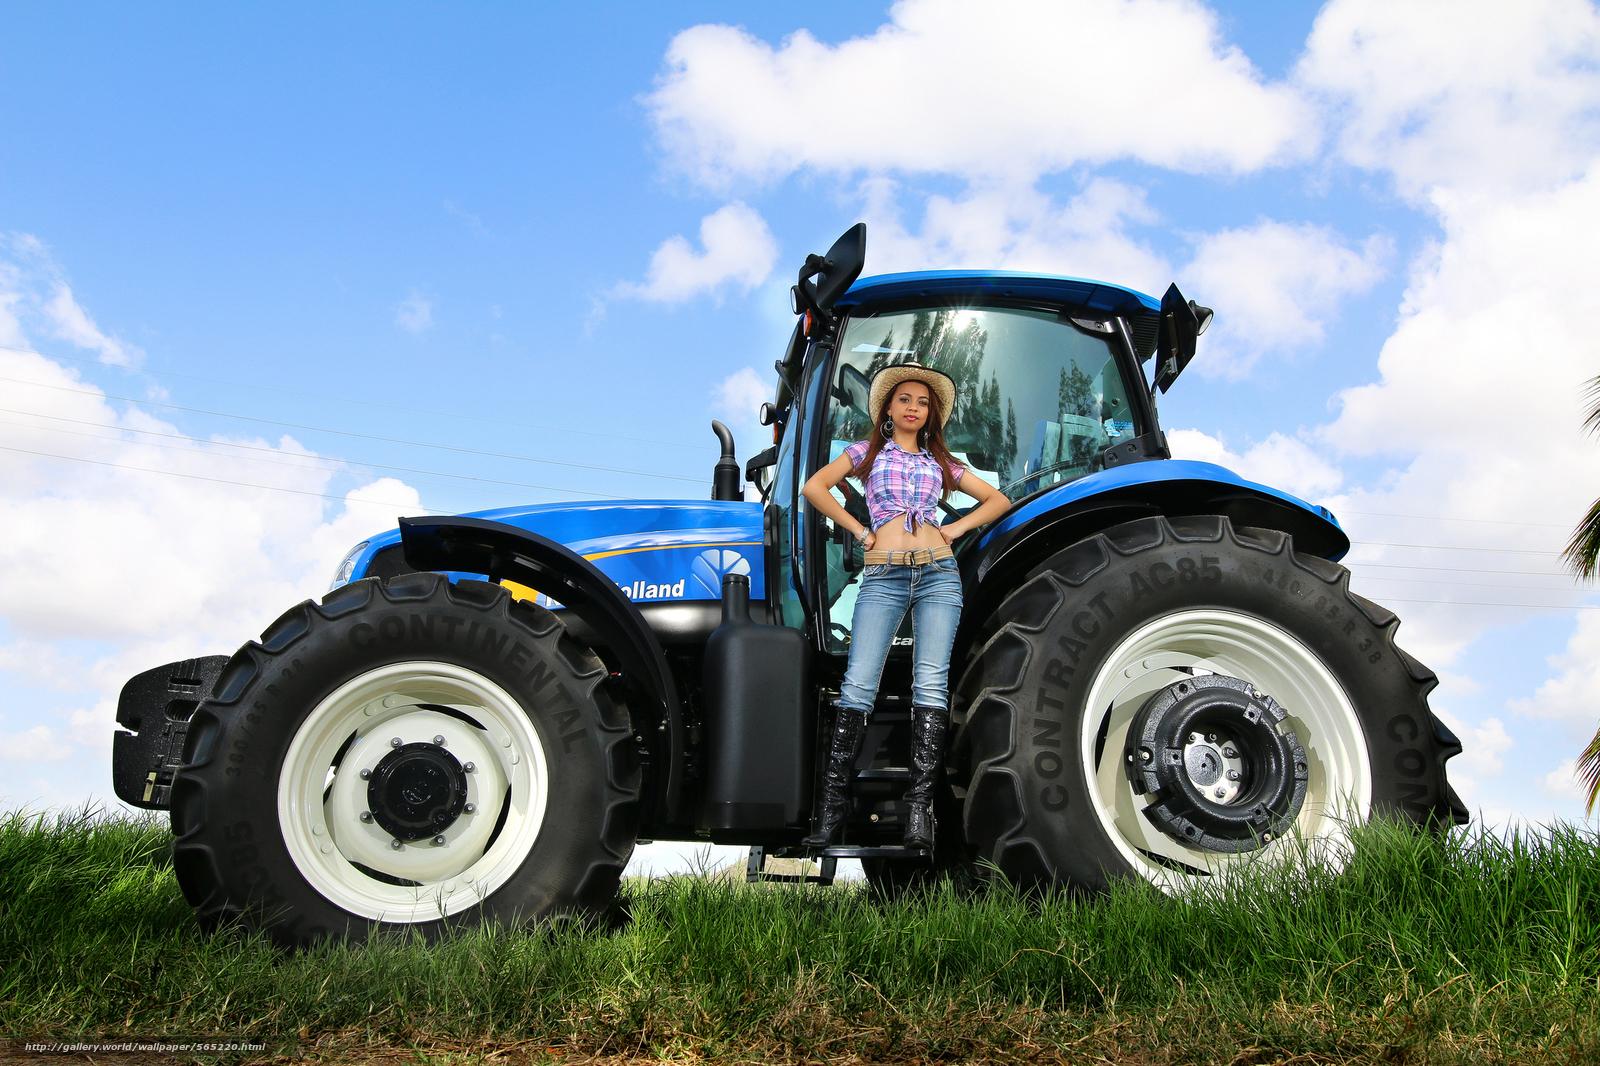 tlcharger fond d 39 ecran fille jean tracteur fonds d 39 ecran gratuits pour votre rsolution. Black Bedroom Furniture Sets. Home Design Ideas